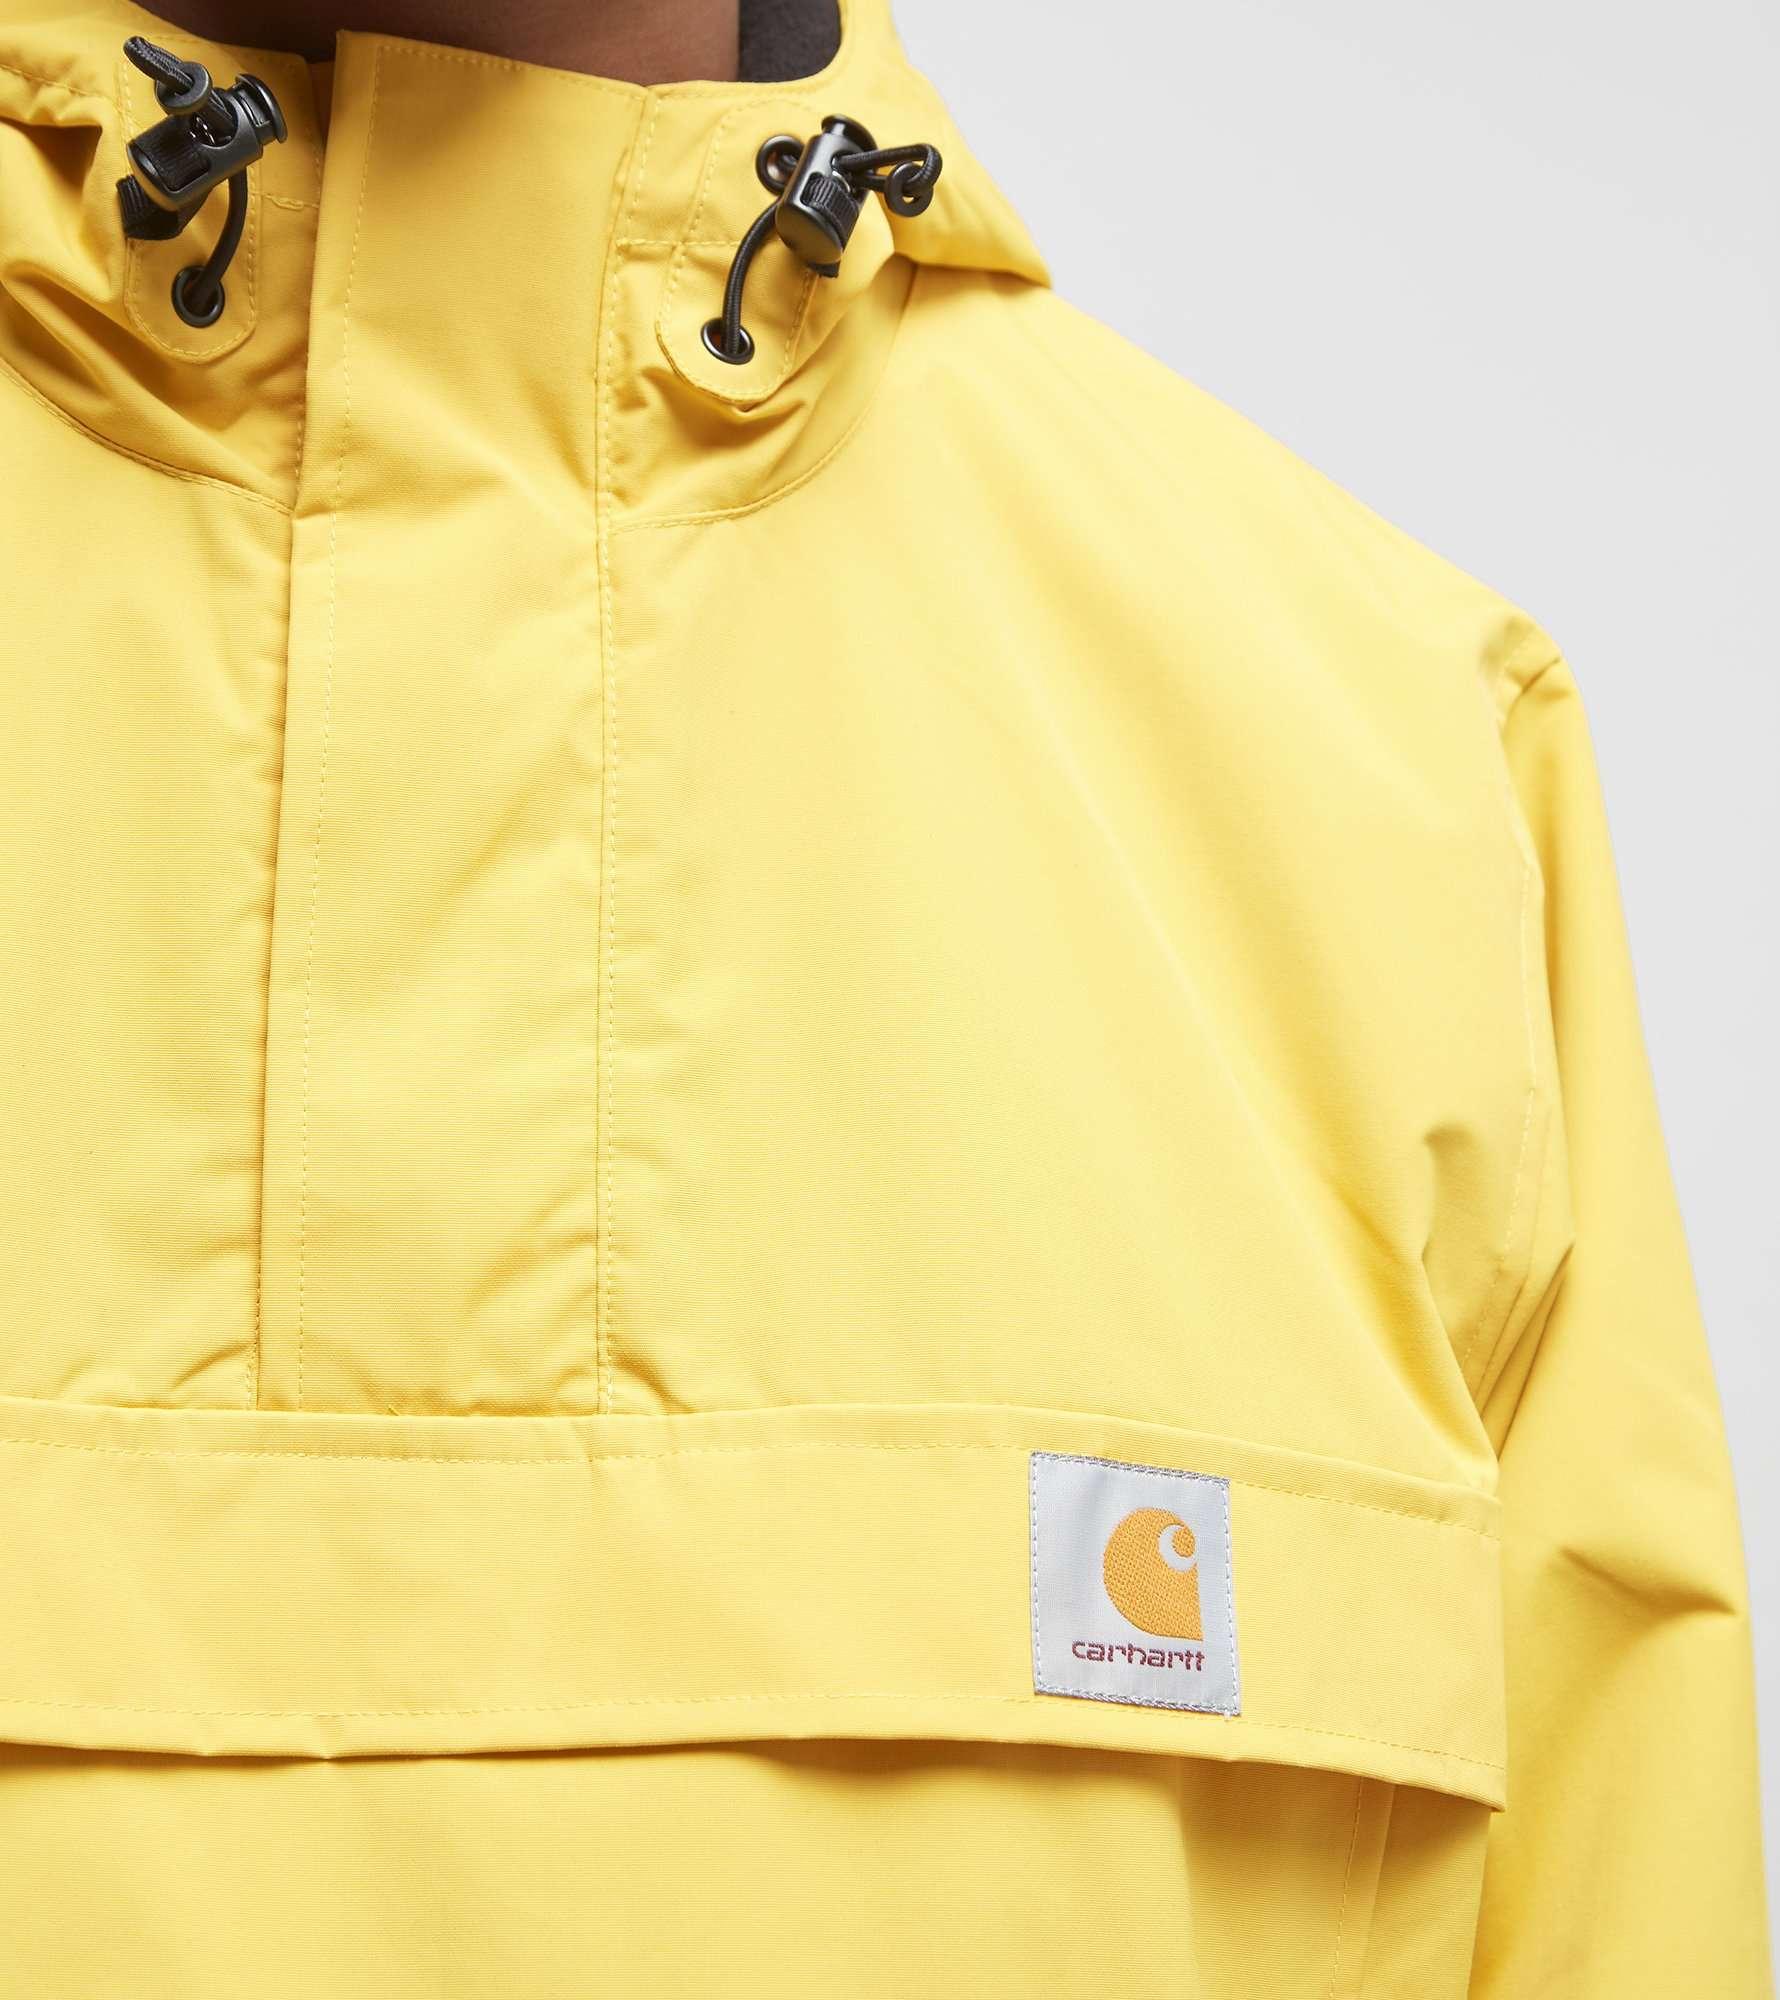 Carhartt WIP Nimbus Jacket - size? Exclusive